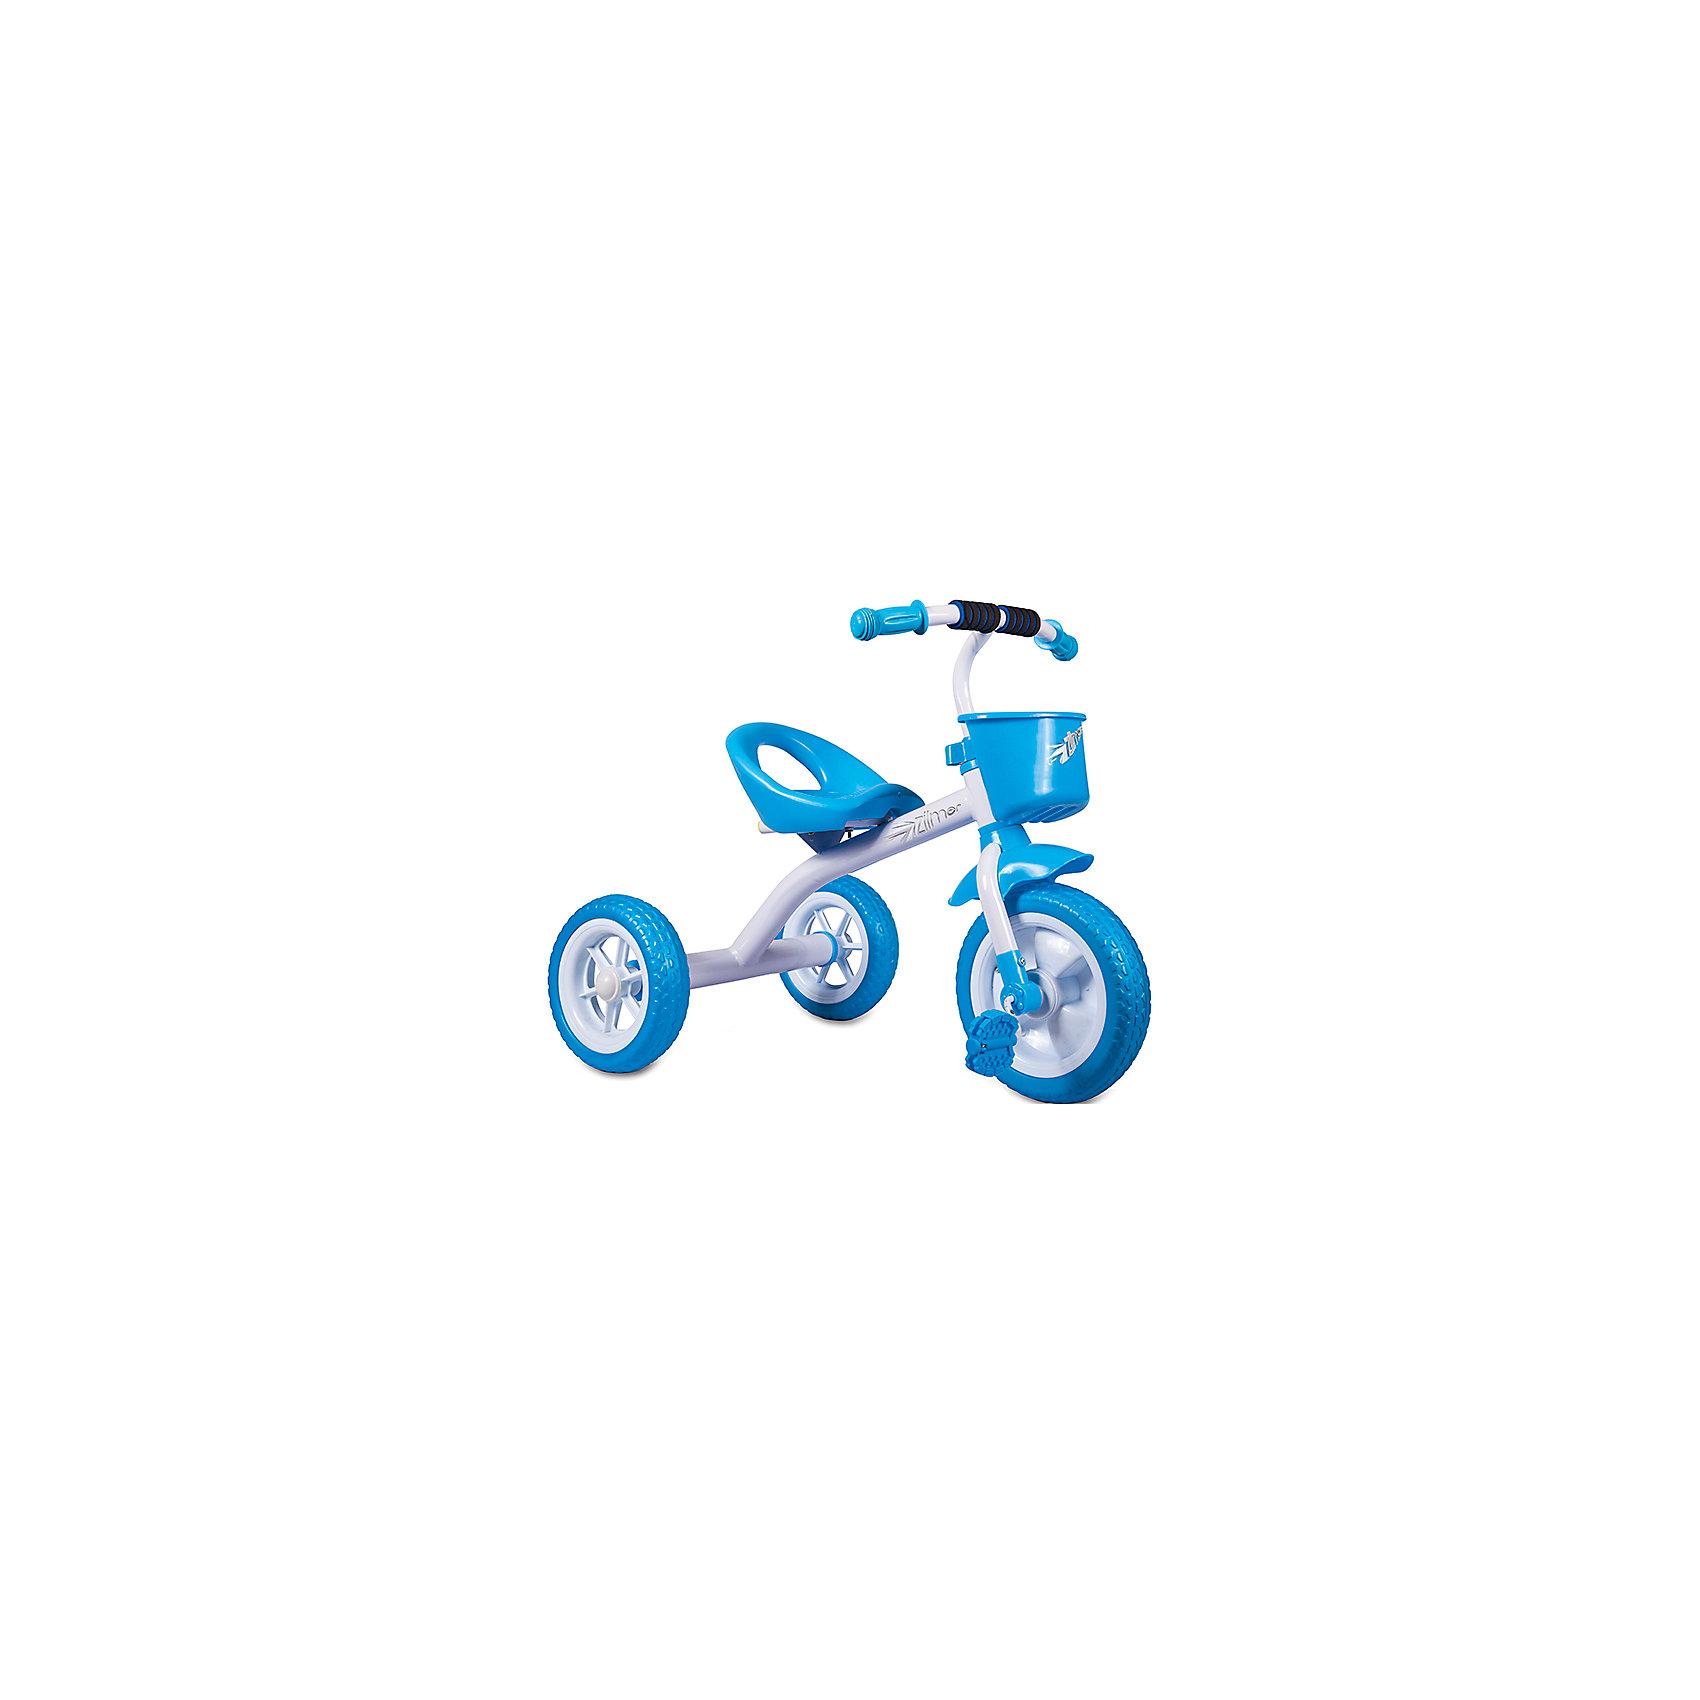 Трехколесный велосипед Сильвер Люкс, белый, ZilmerВелосипеды детские<br>Велосипед Zilmer Сильвер Люкс (3 колеса EVA 10/8, сталь, корзина, бел.)        Трёхколёсный велосипед Zilmer!<br>Основные особенности данной модели: колёса EVA, удобное сиденье, вместительная корзина. Руль оснащён мягкой накладкой. В корзинку можно сложить необходимые для прогулки вещи. Велосипед сделан из надёжных и безопасных материалов. Яркий цвет  и привлекательный внешний вид обращают на себя внимание.<br>Преимущества:<br>Удобный руль с мягкой накладкой<br>Корзинка<br>Яркий цвет<br>Вес 1 шт.: 3 кг<br><br>Ширина мм: 300<br>Глубина мм: 225<br>Высота мм: 200<br>Вес г: 4250<br>Возраст от месяцев: 12<br>Возраст до месяцев: 36<br>Пол: Унисекс<br>Возраст: Детский<br>SKU: 4642326